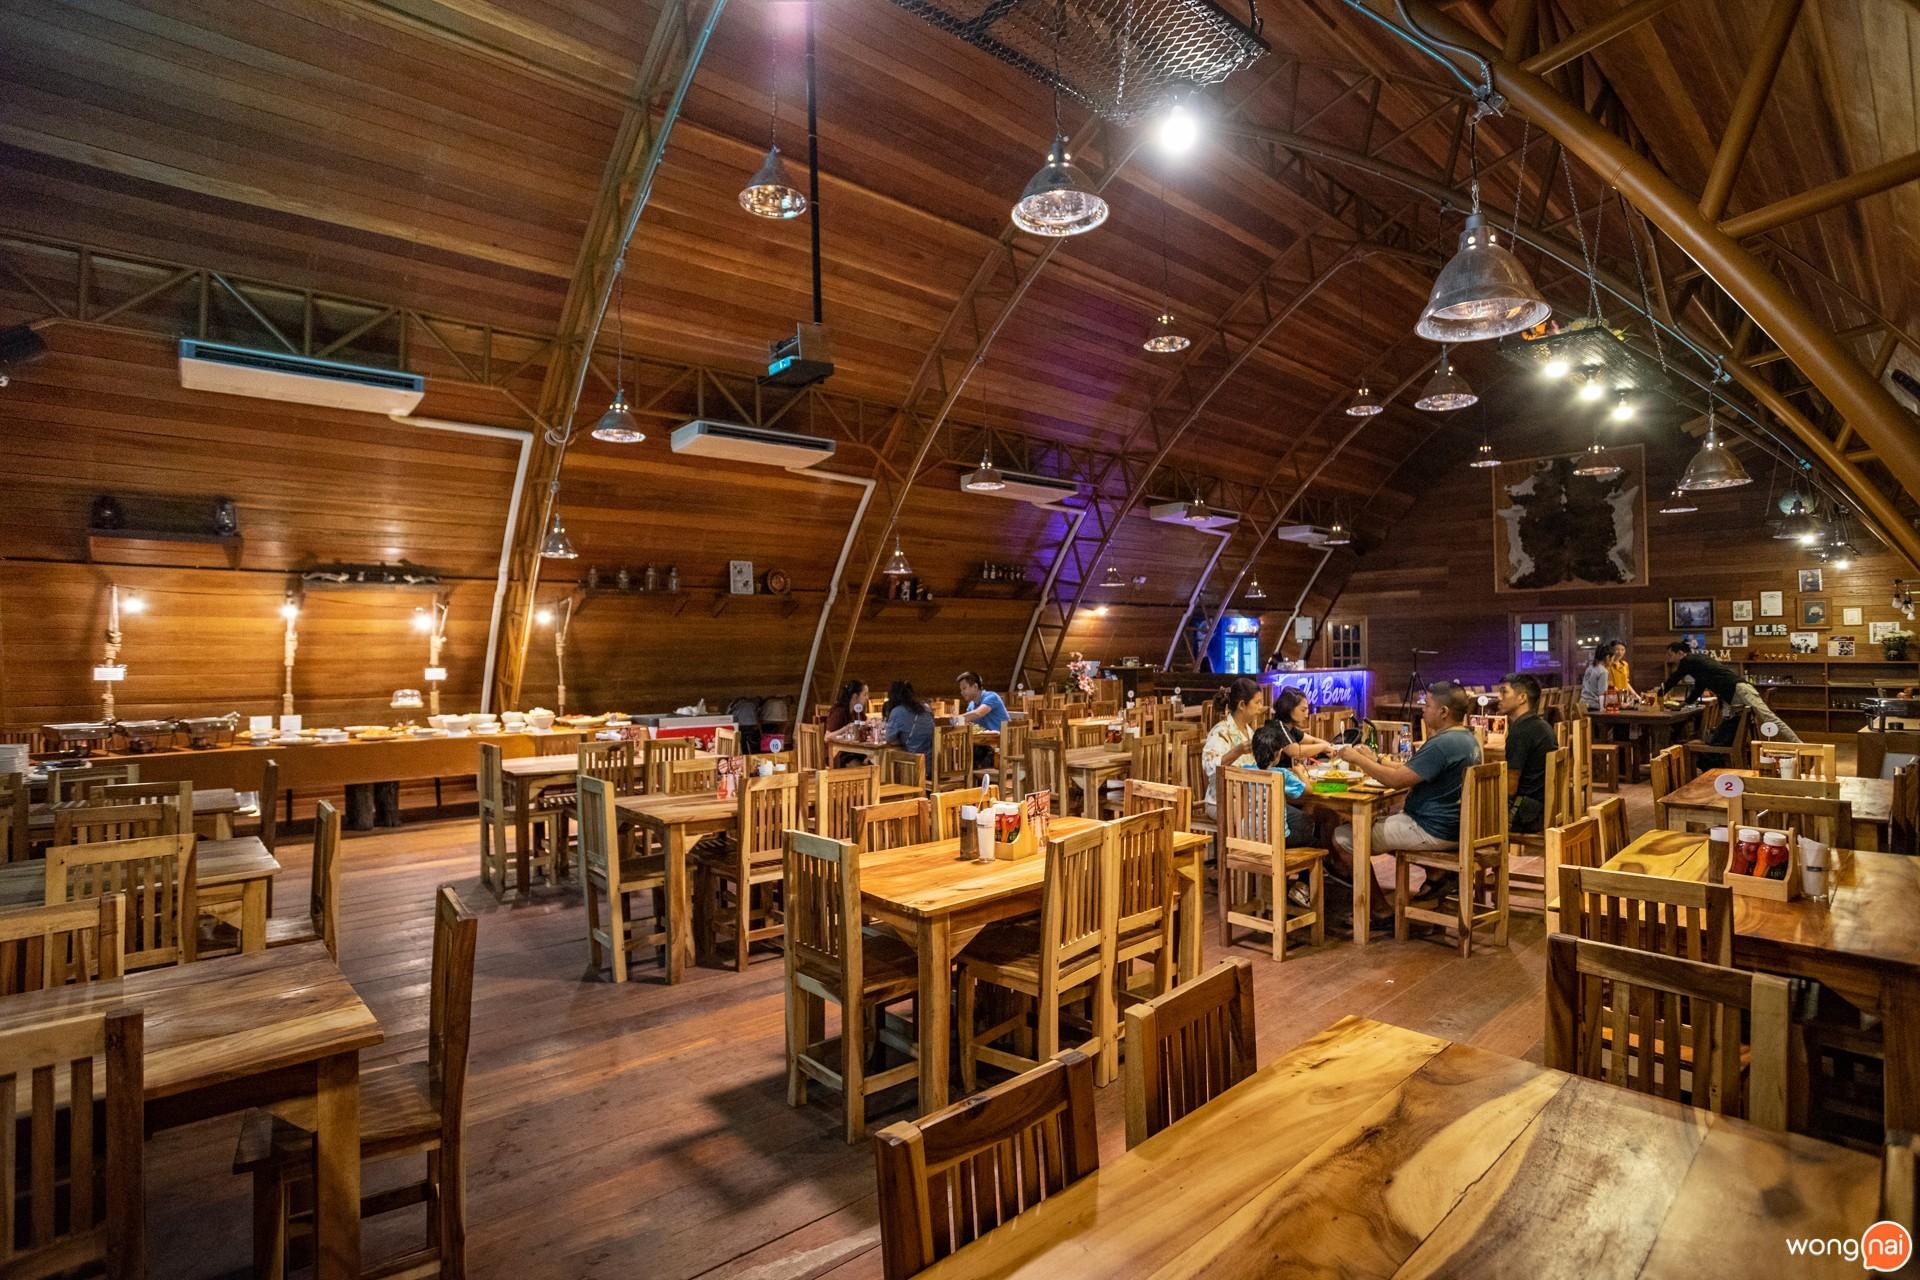 สเต๊ก บุฟเฟ่ต์ หมู่บ้านลึกลับ Hidden Village ที่มีไดโนเสาร์ The Barn Steak House เชียงใหม่